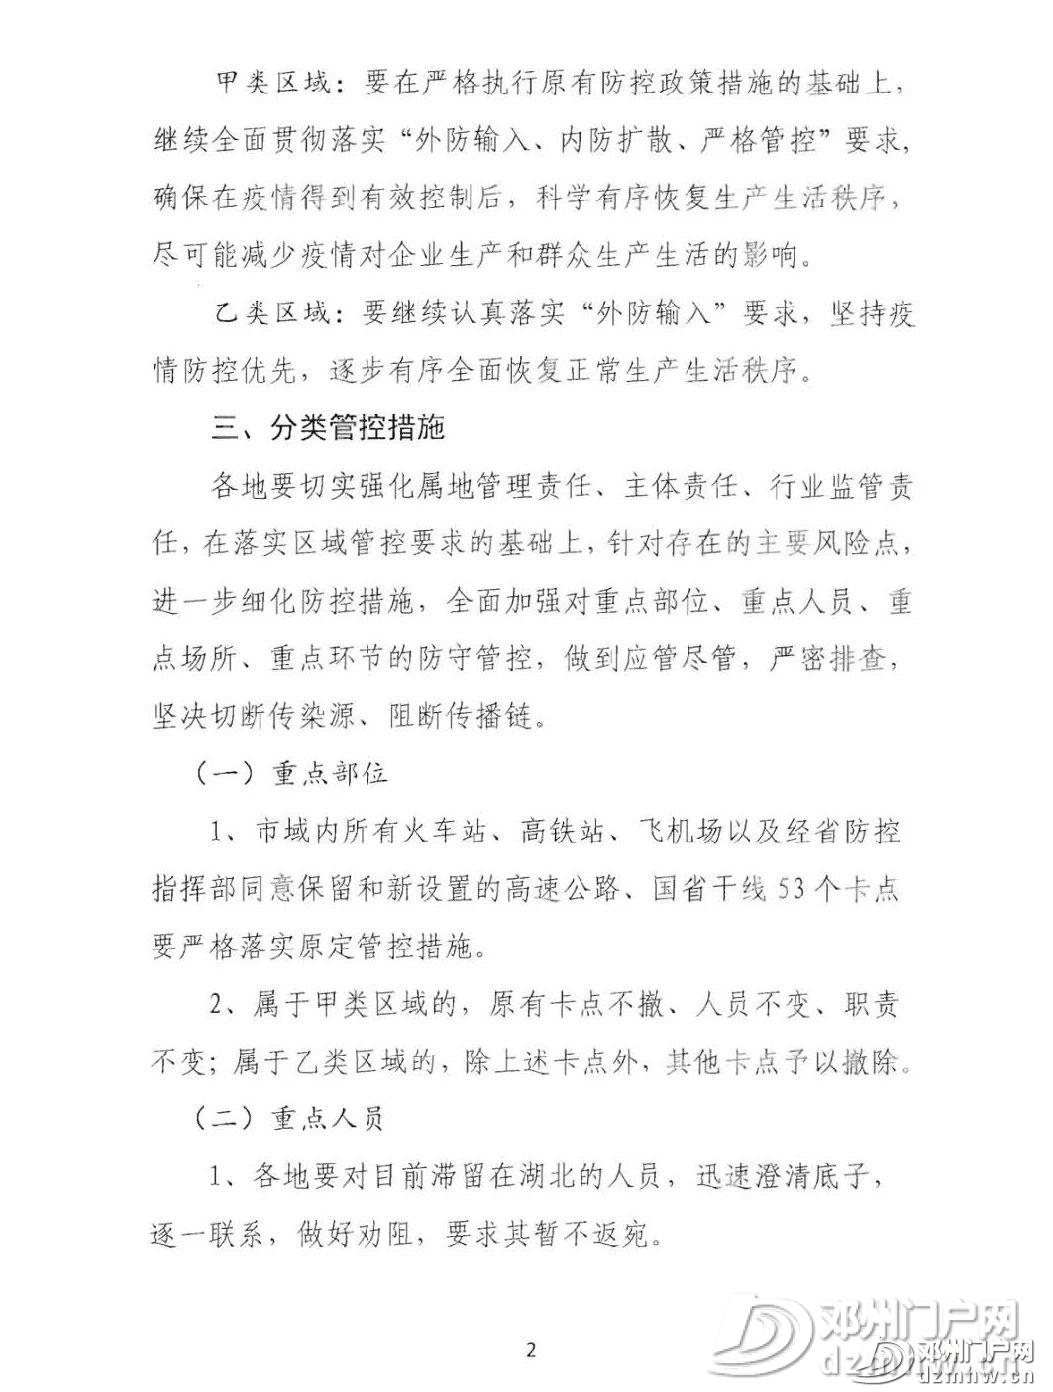 速转!关于邓州卡口撤销官方文件已出! - 邓州门户网|邓州网 - 71f88efbaaf4e2ca6756bfff72c25d50.jpg